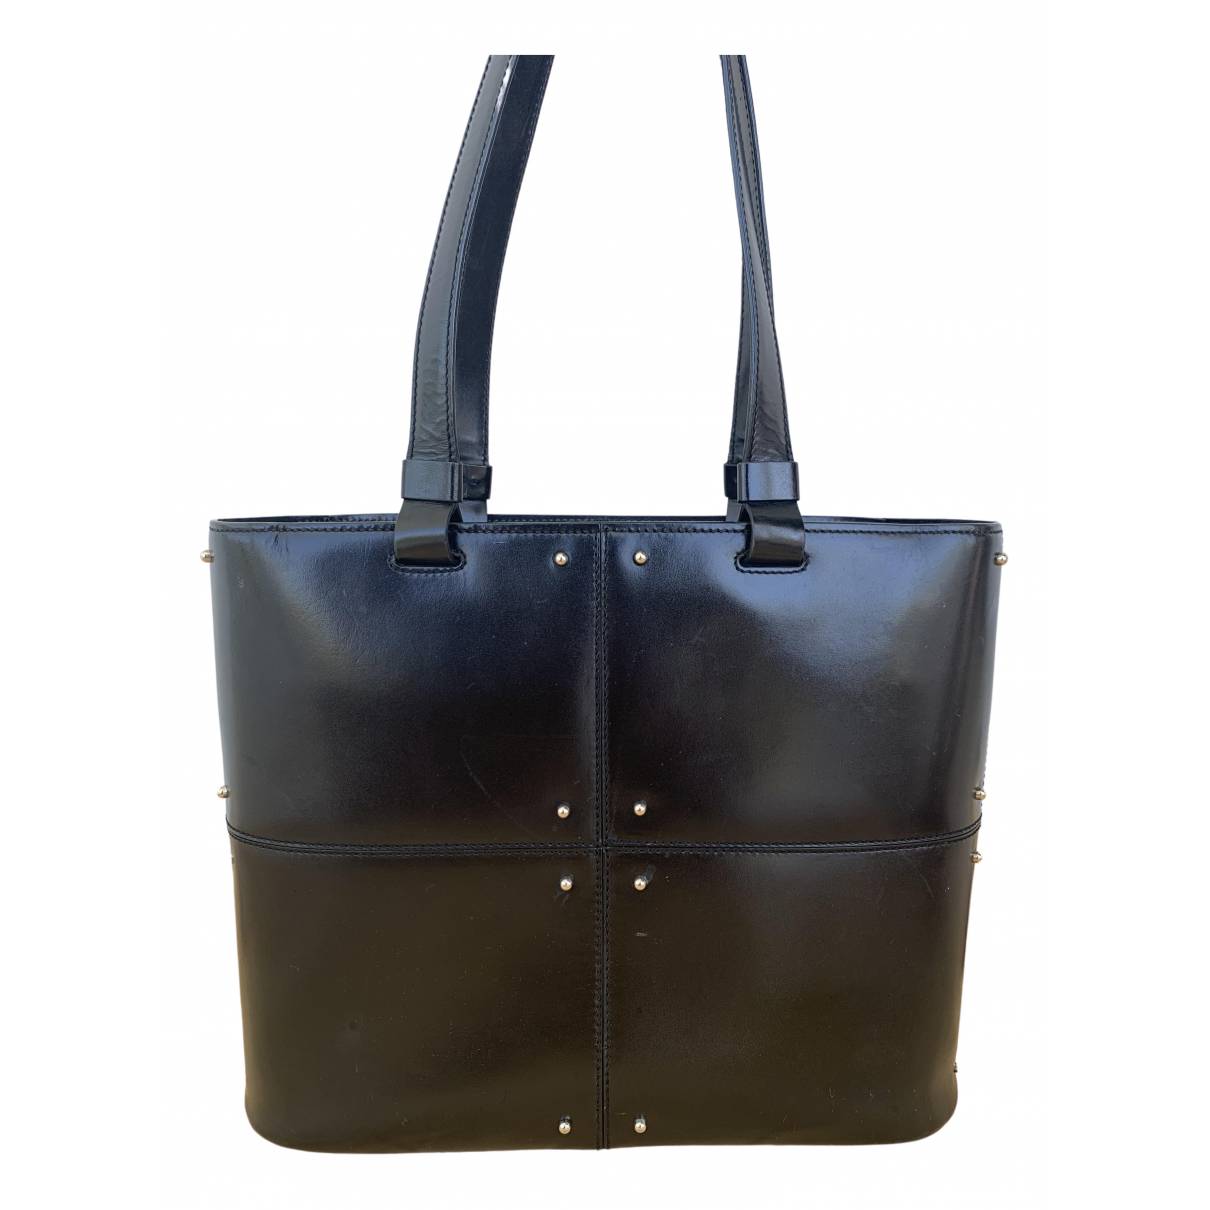 Tods - Sac a main   pour femme en cuir - noir